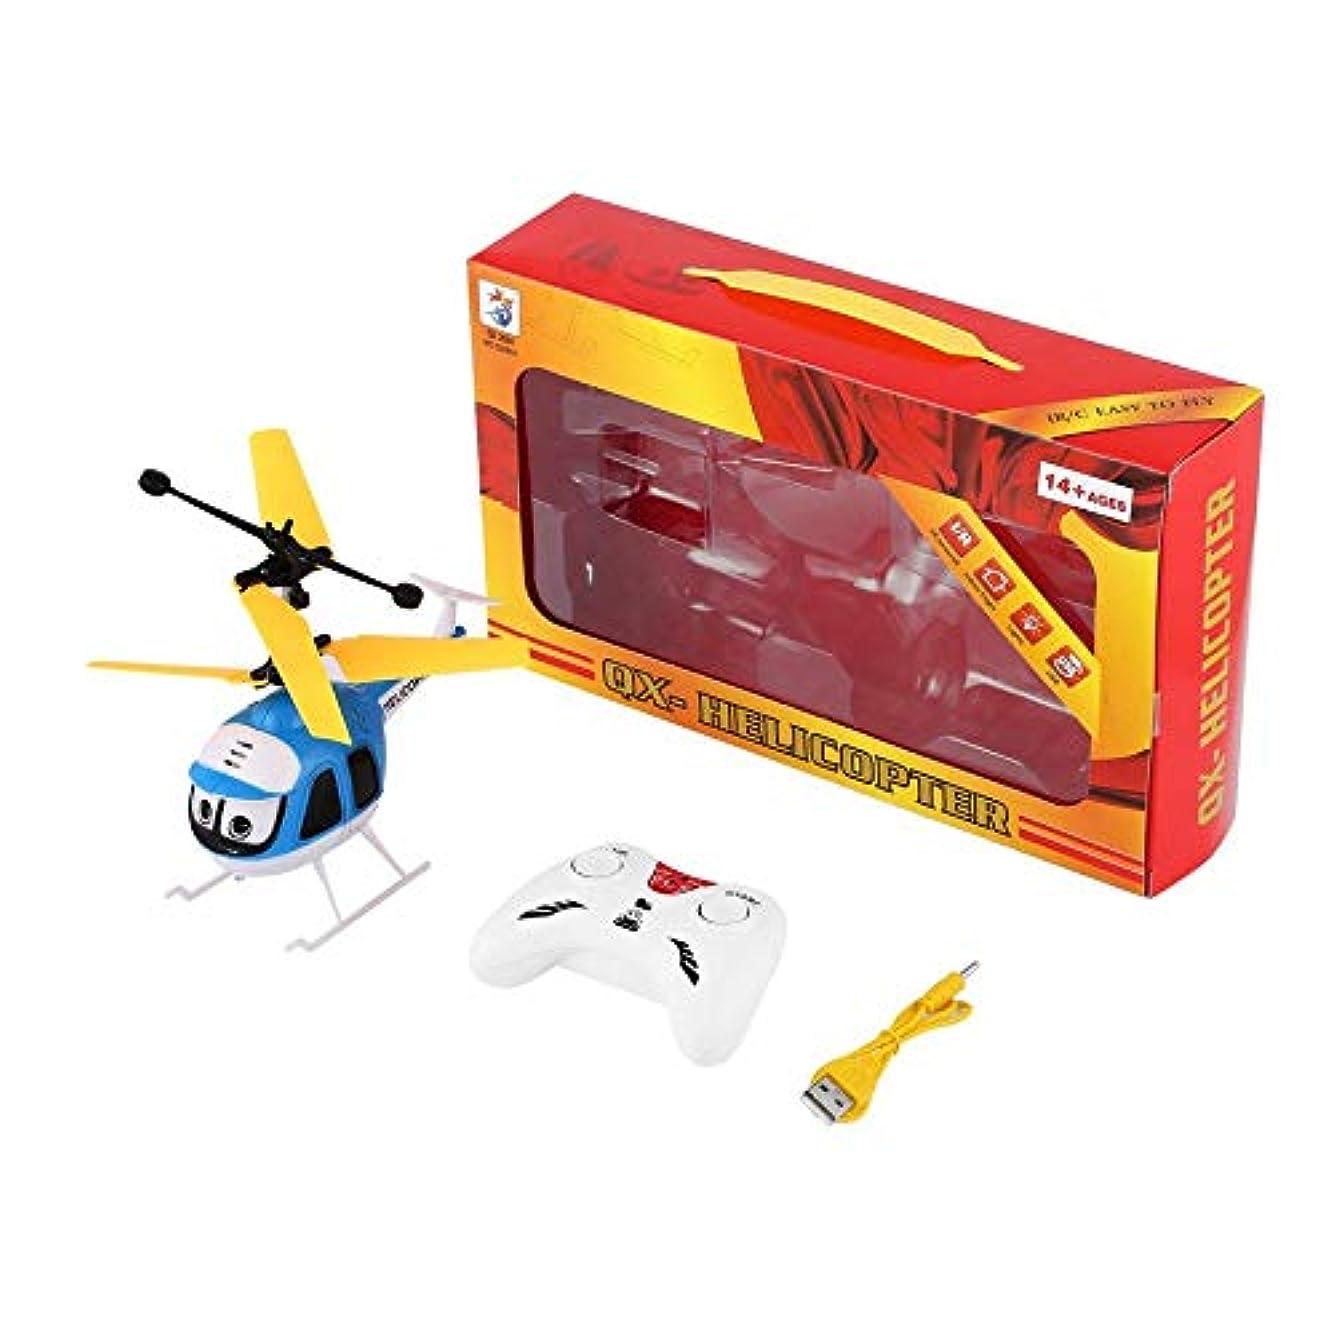 パトロールハーブ教え誘導フライング玩具ミニRCヘリコプター漫画リモコンドローン航空機用子供飛行機のおもちゃフローティングおもちゃ男の子ギフトブルー1サイズ